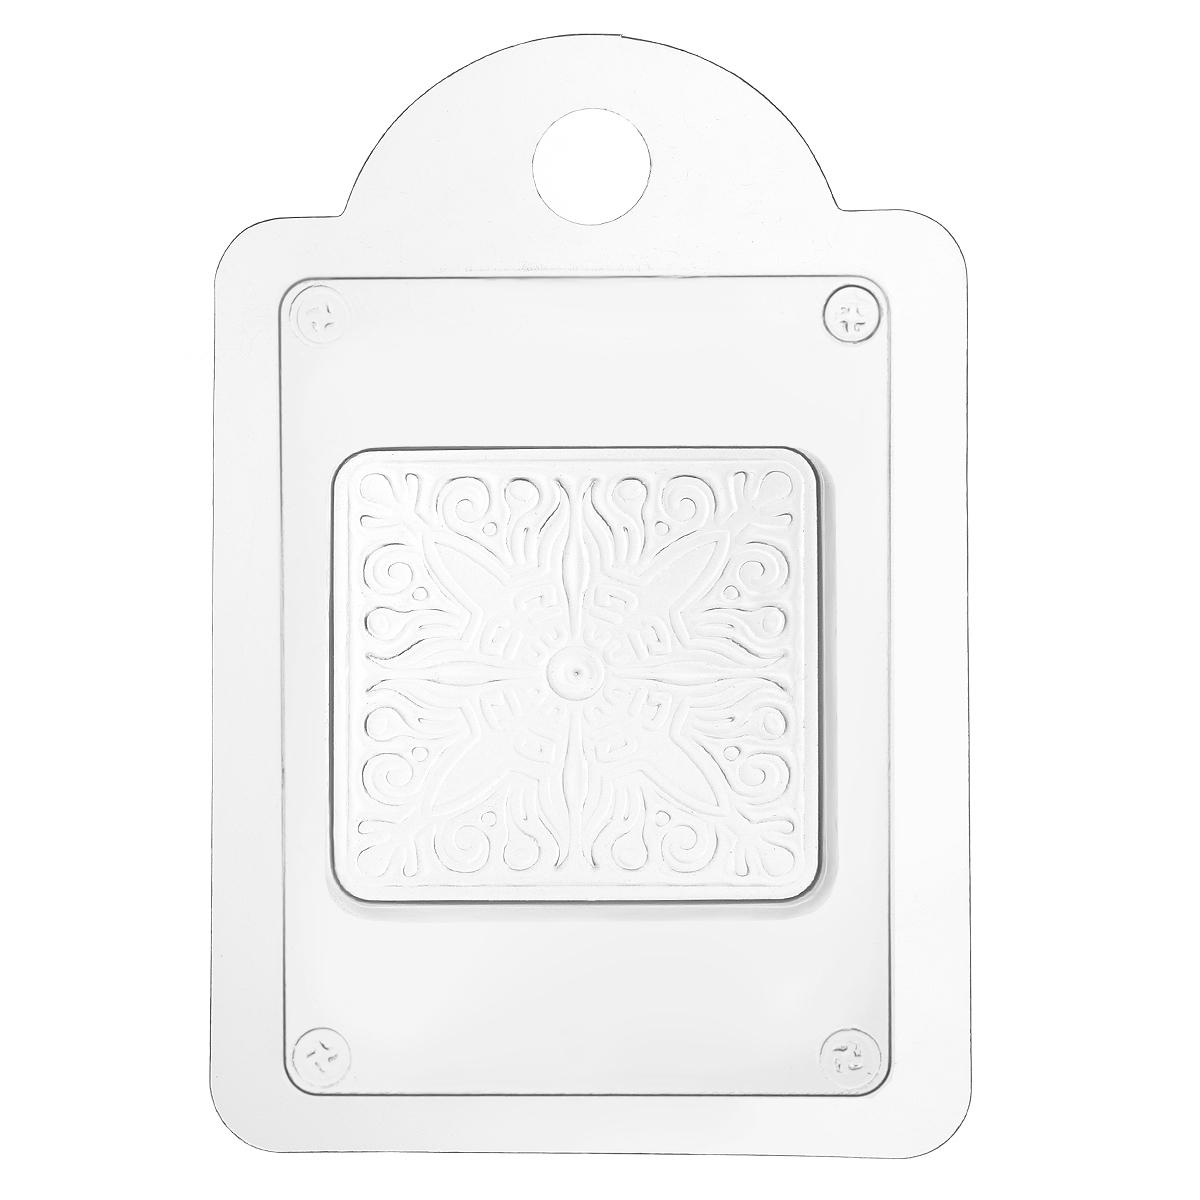 Форма для литья Квадратный узор: гладь, 16 х 11 х 2,5 см форма для мыла выдумщики букет тюльпанов пластиковая цвет прозрачный